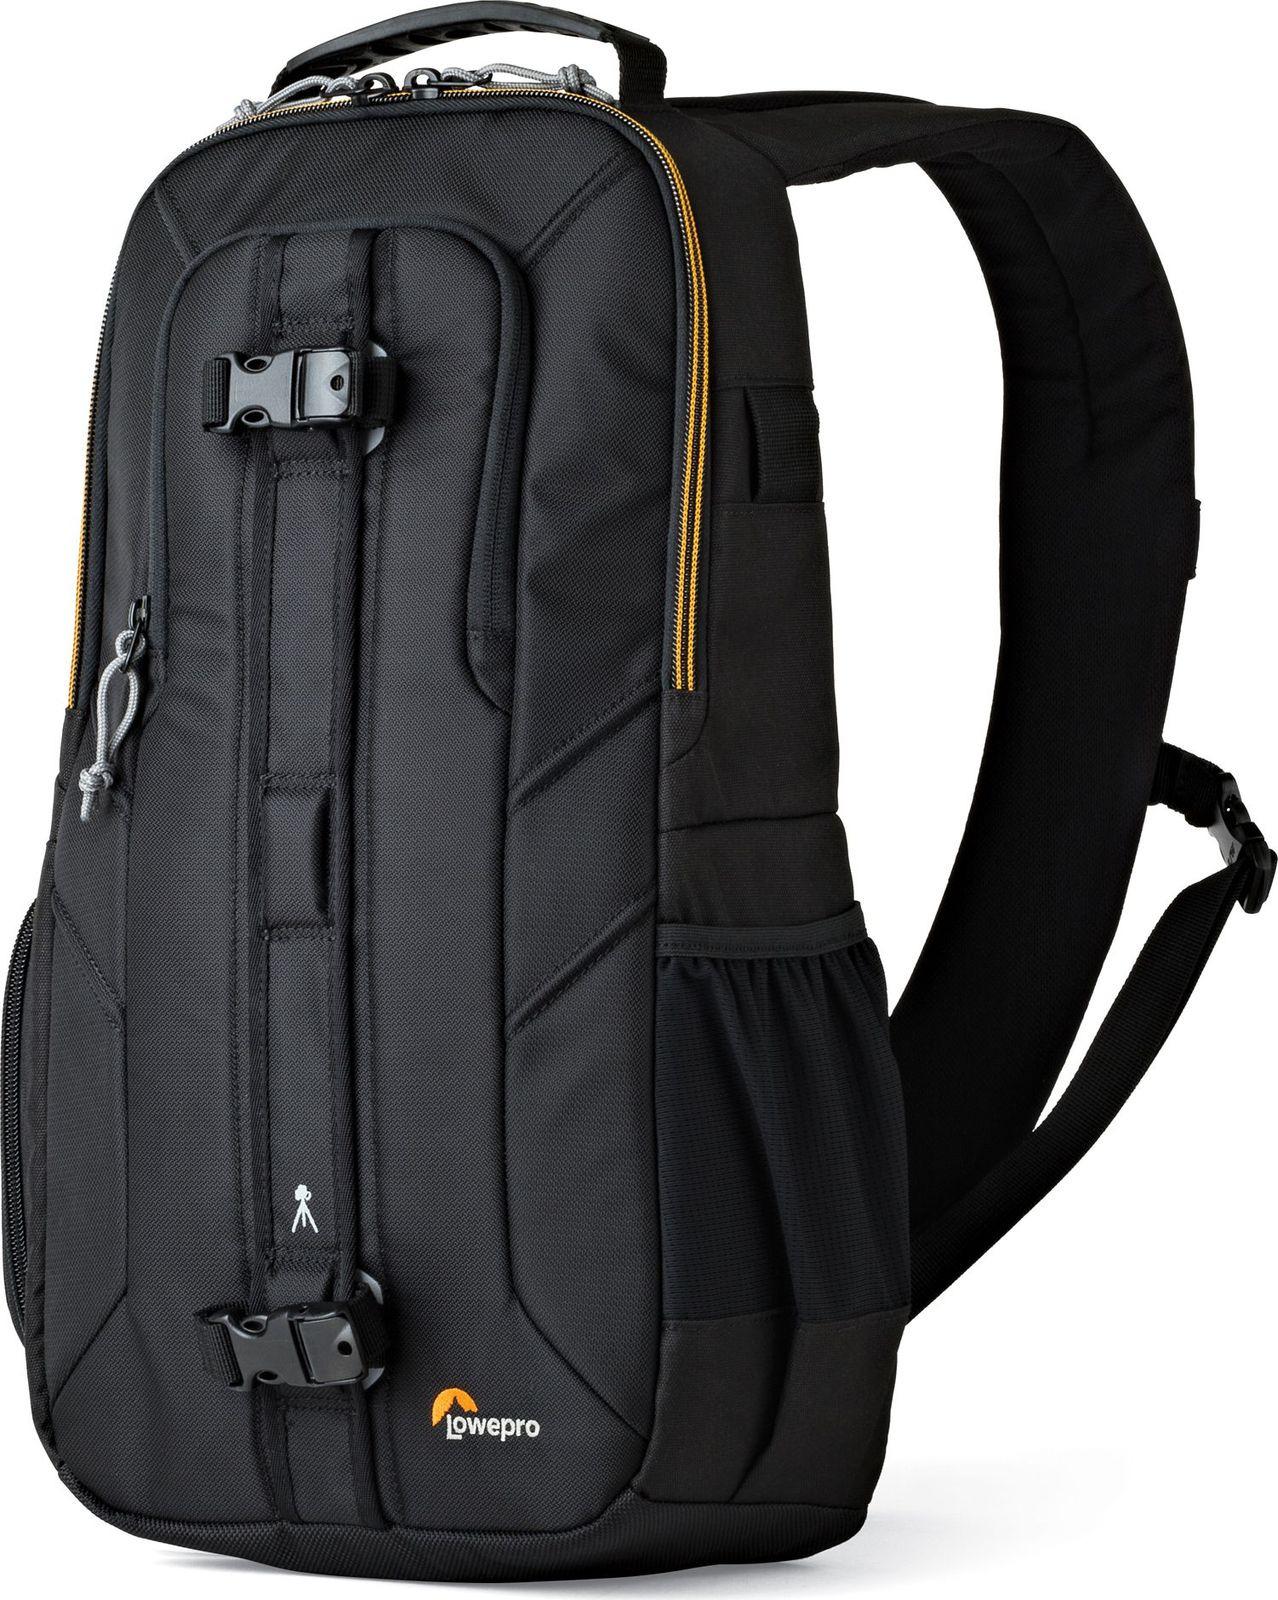 лучшая цена Рюкзак Lowepro Slingshot Edge 250 AW- Black/Noir, LP36899-PWW, черный